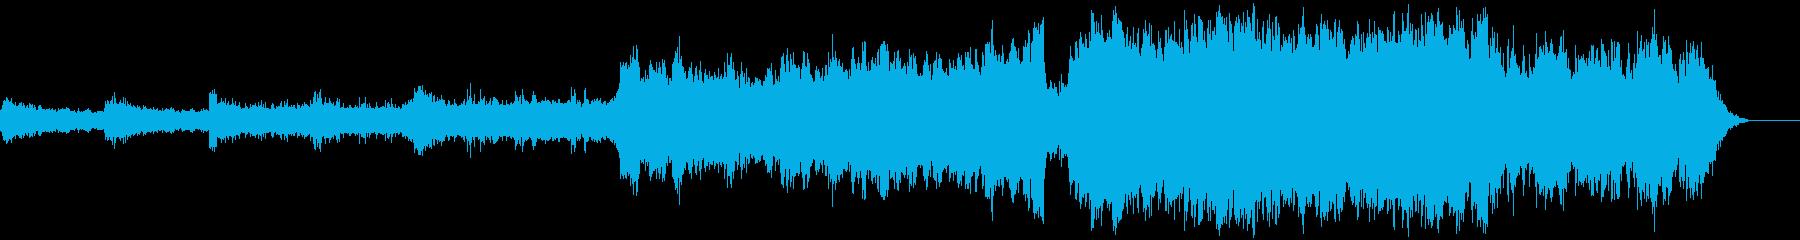 ダークで壮大なトレイラー音楽の再生済みの波形